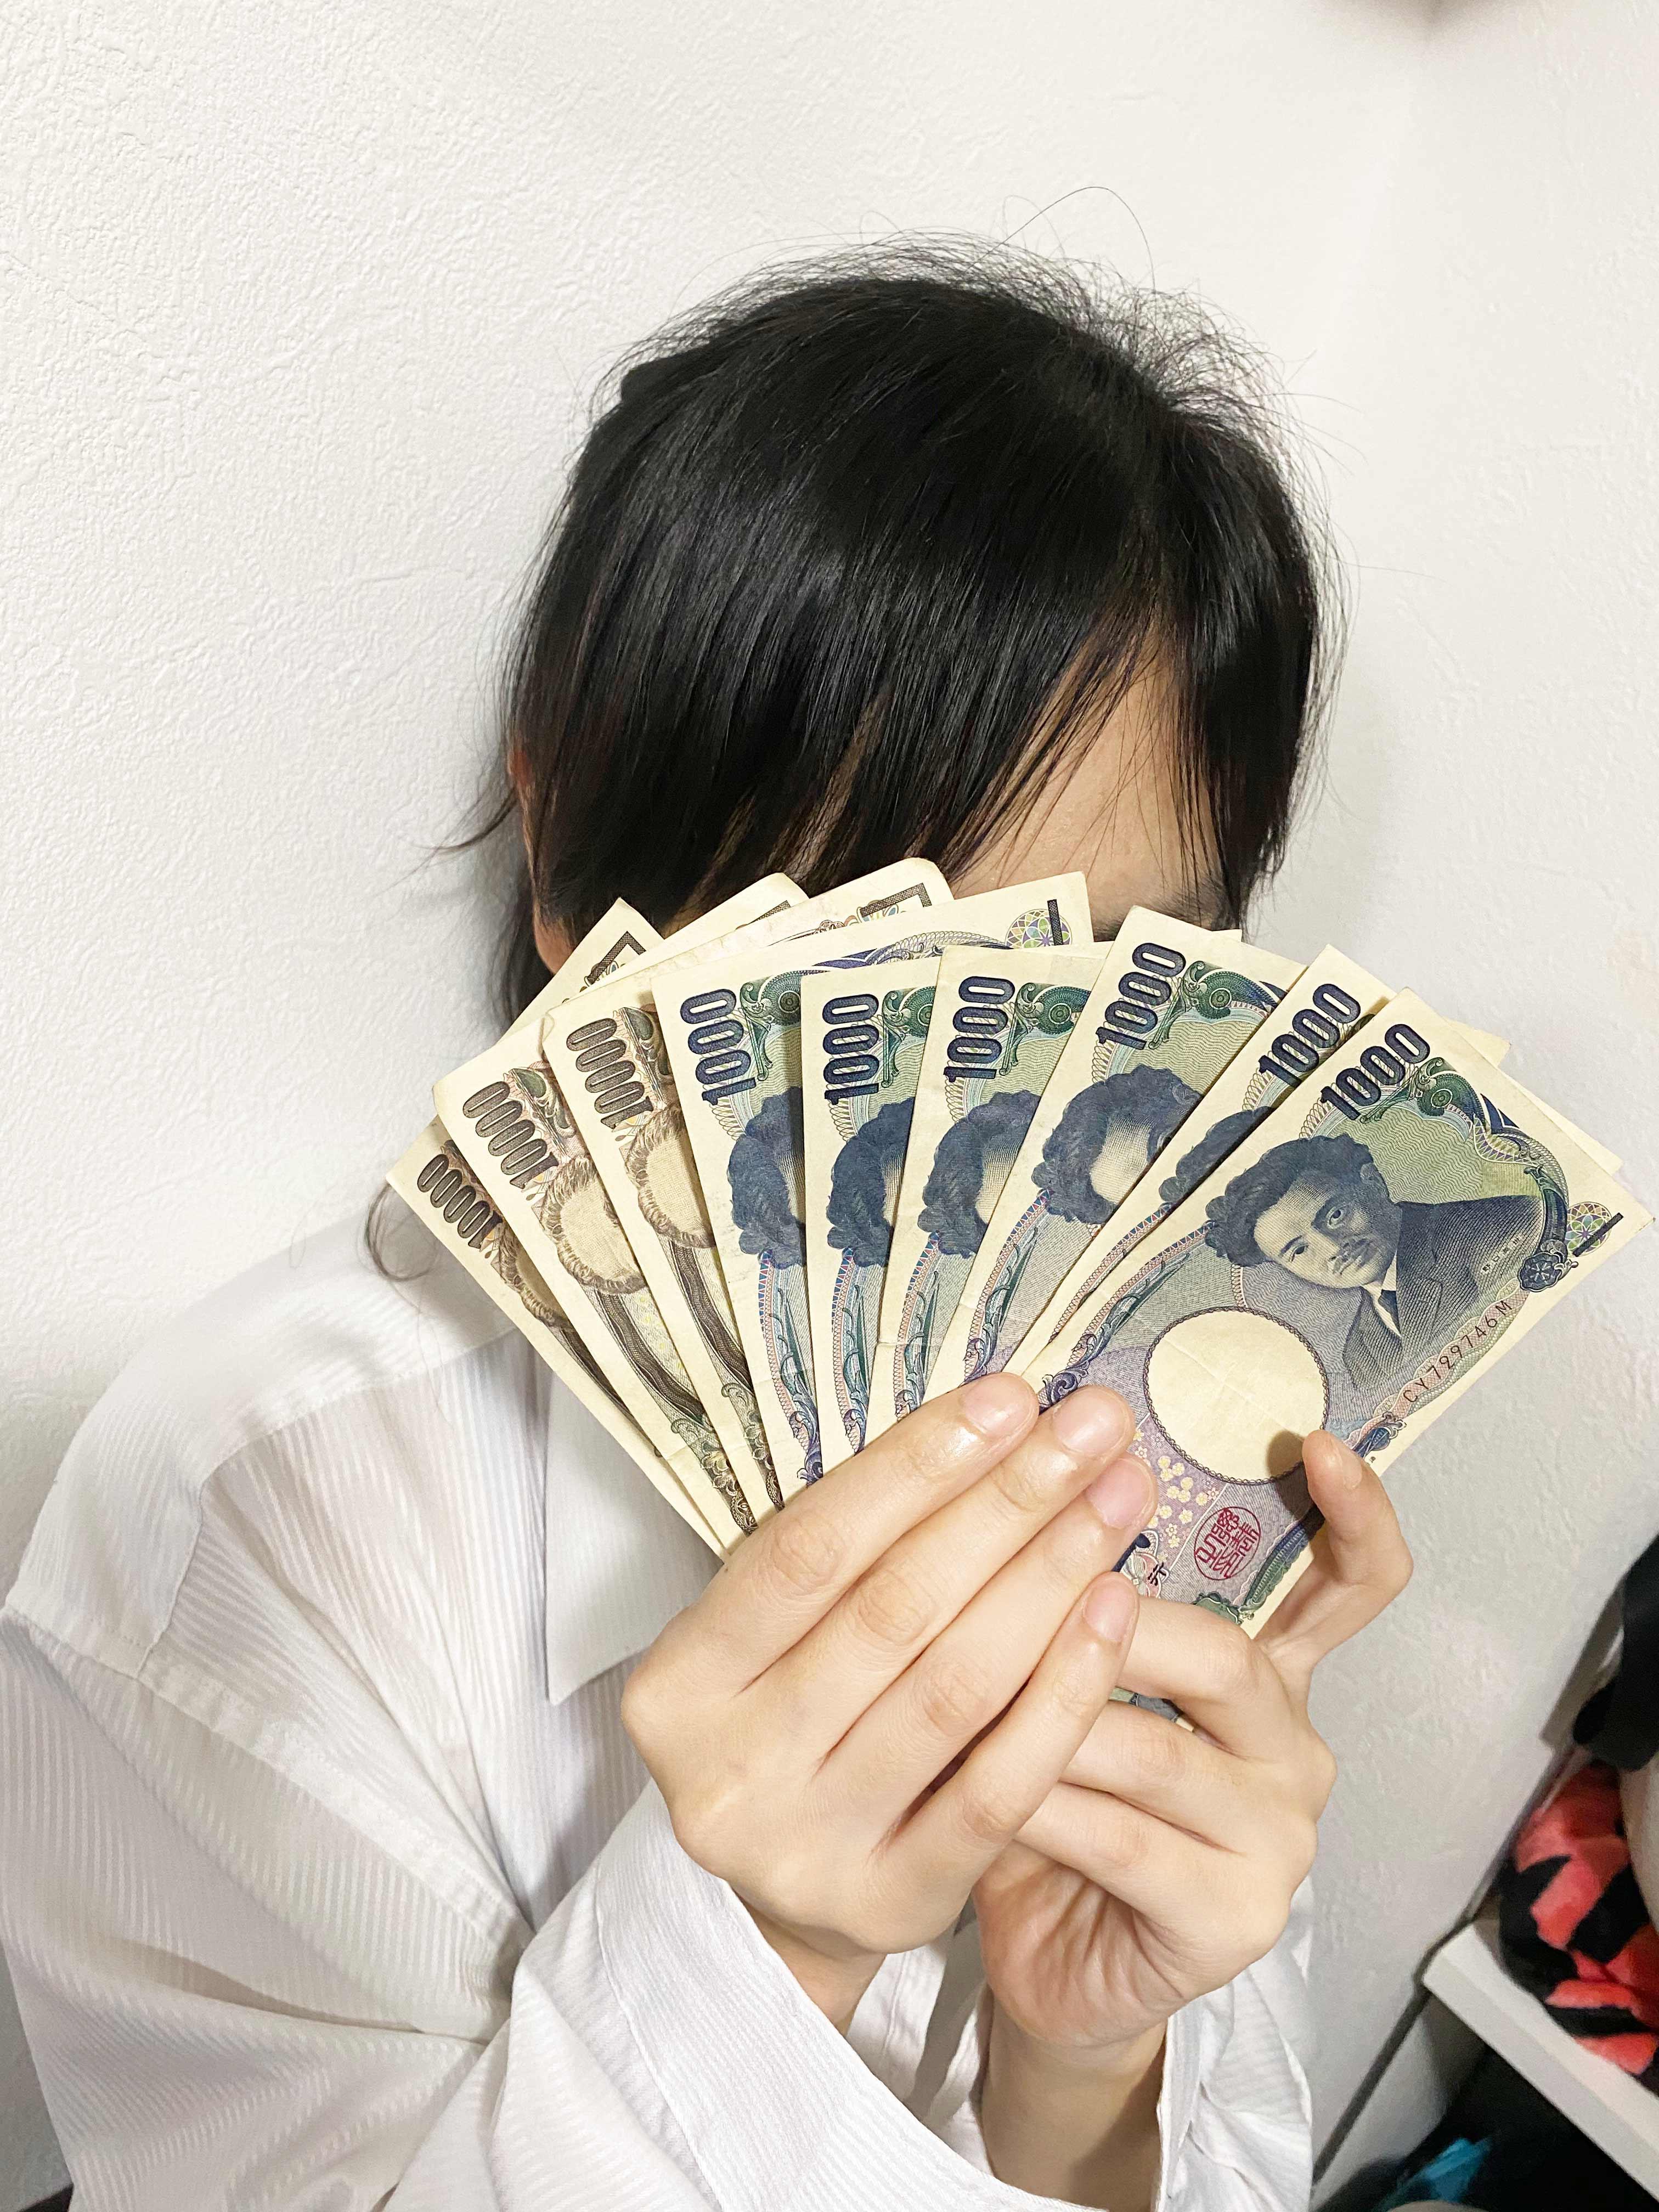 本日のお給料シリーズ1|ストバニの求人ブログ